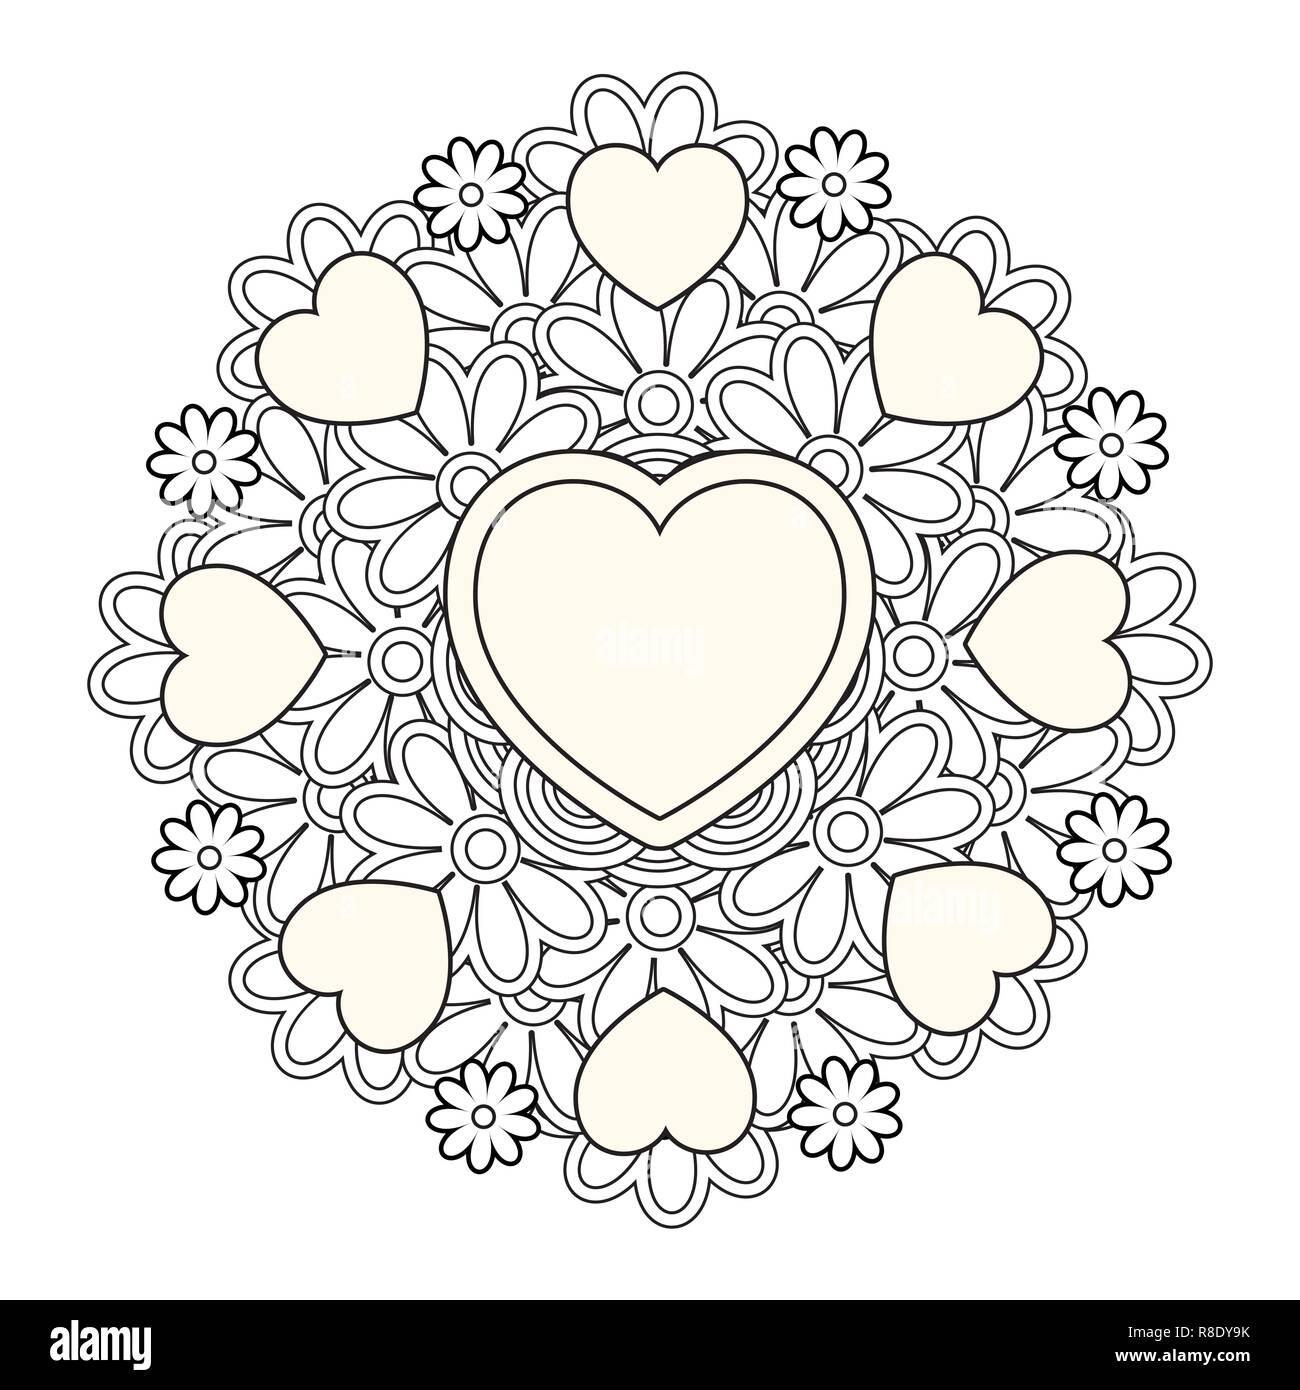 Mandala De Flores Con Corazones. Día De San Valentín